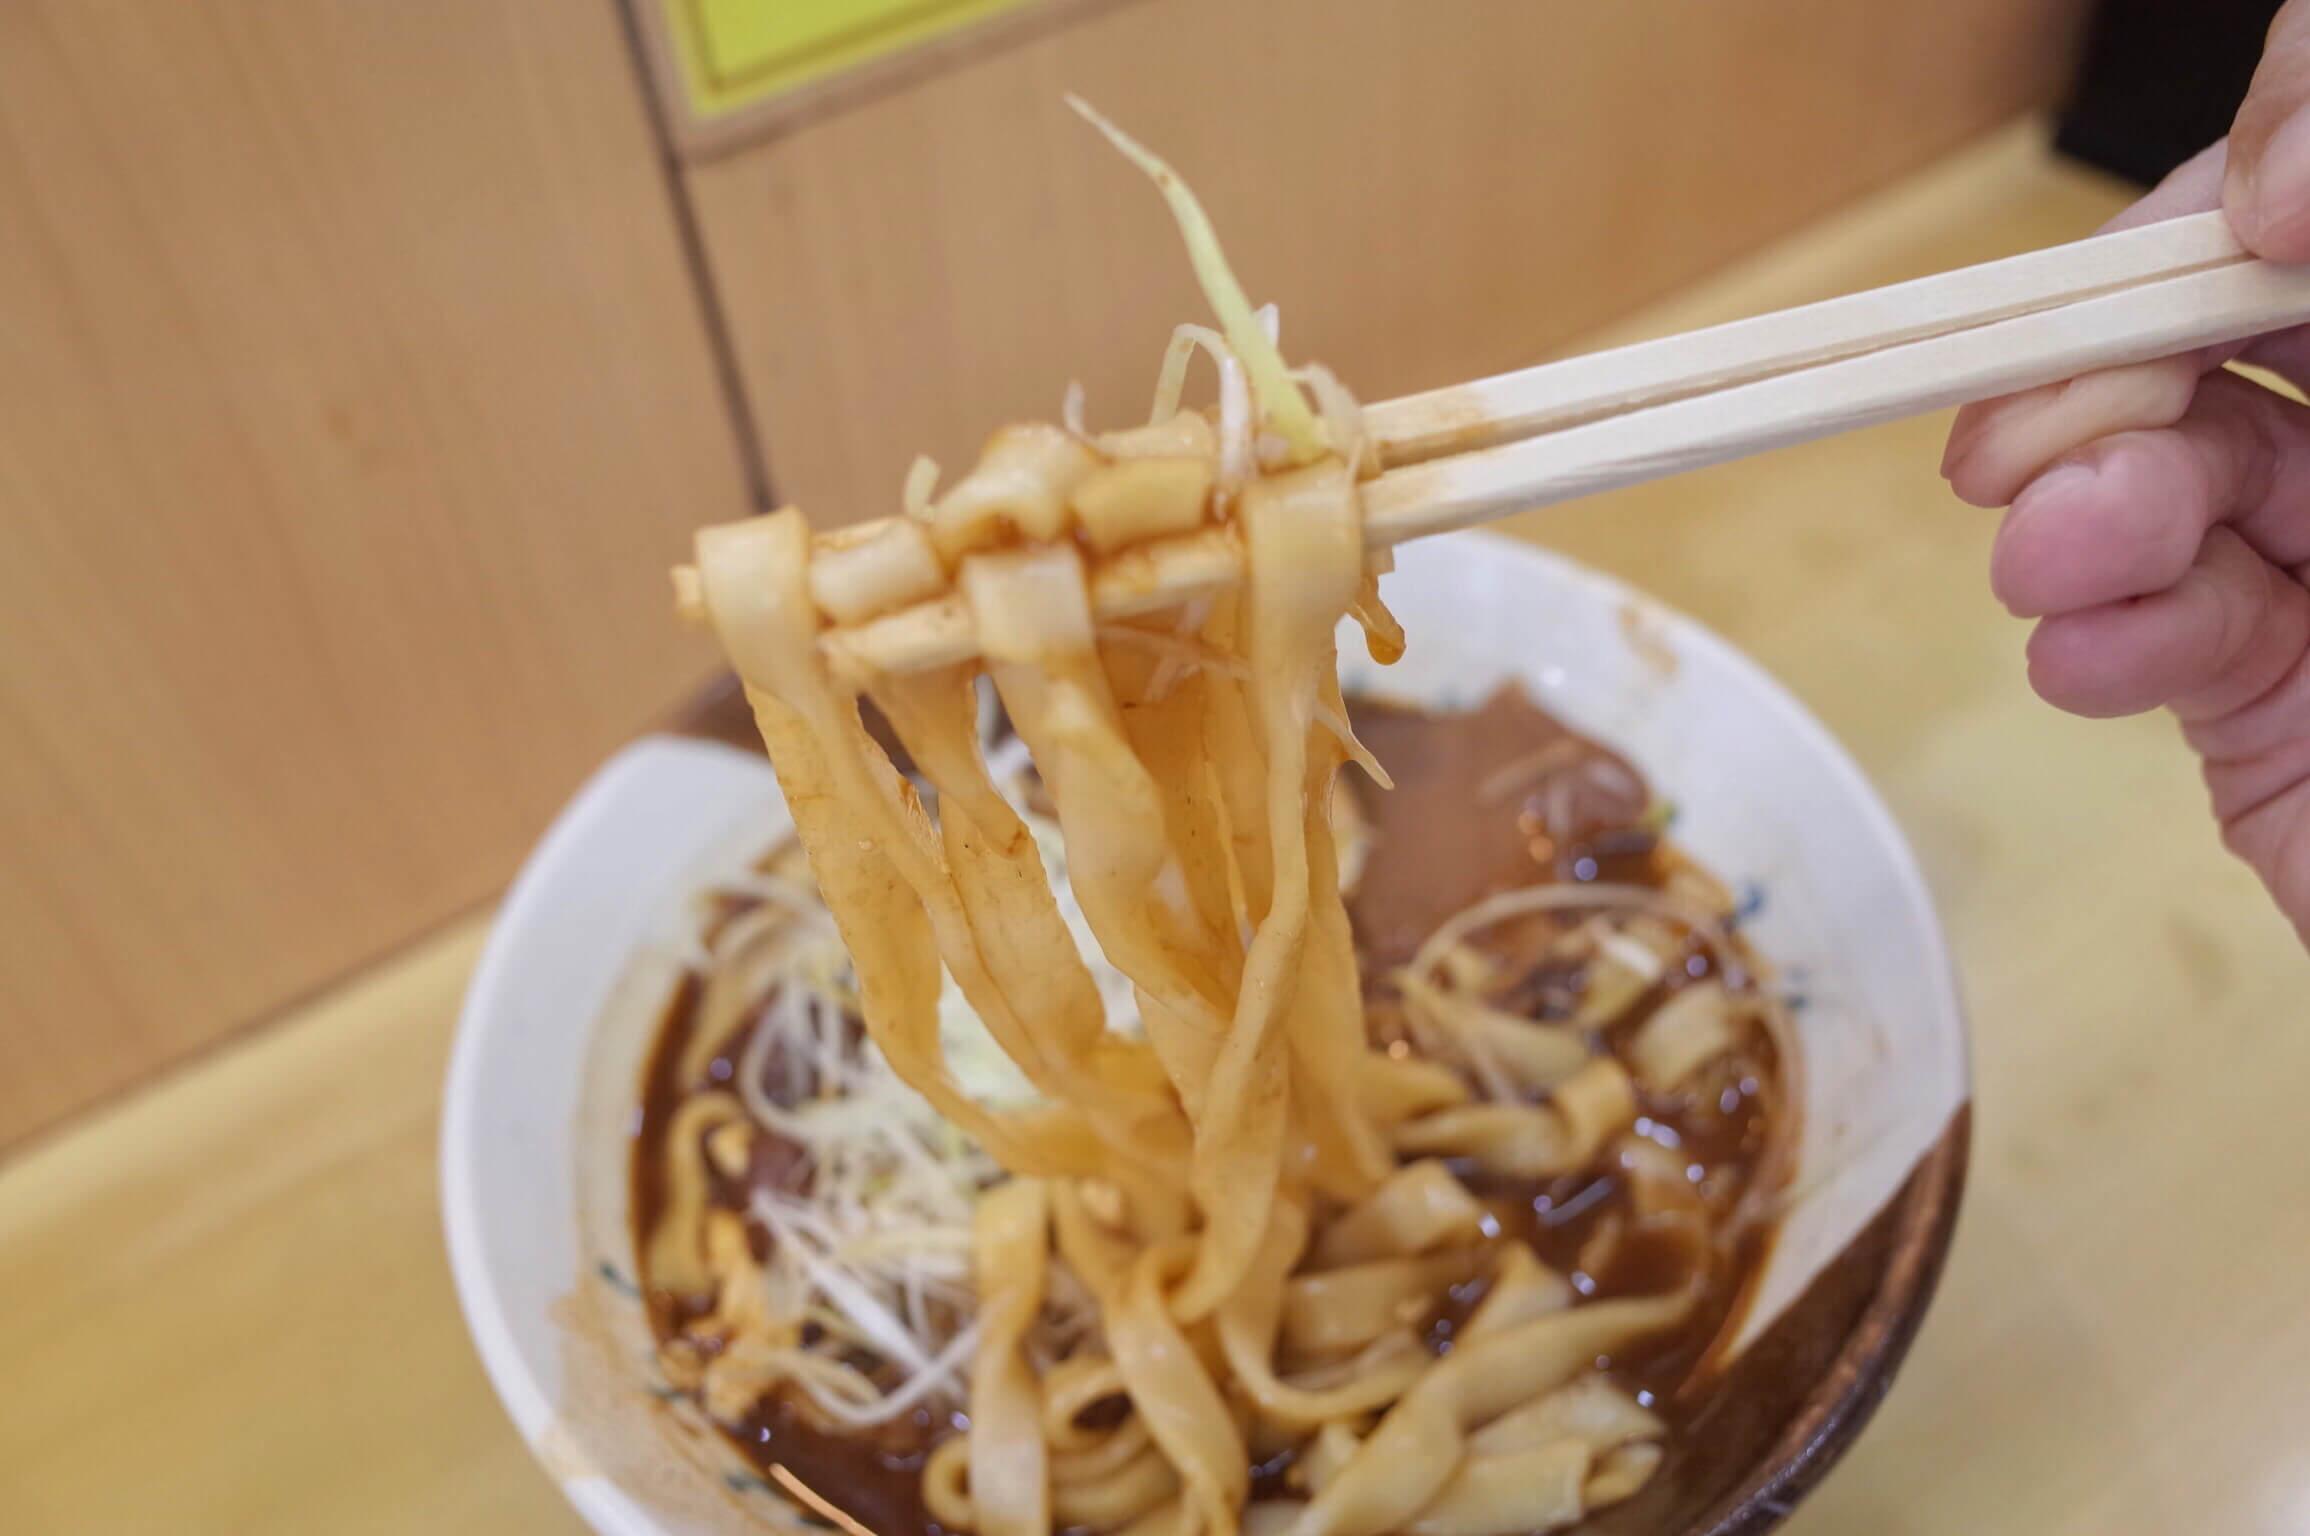 名古屋駅 新幹線ホームできしめん食べるなら『住よし』・『グル麺』へ